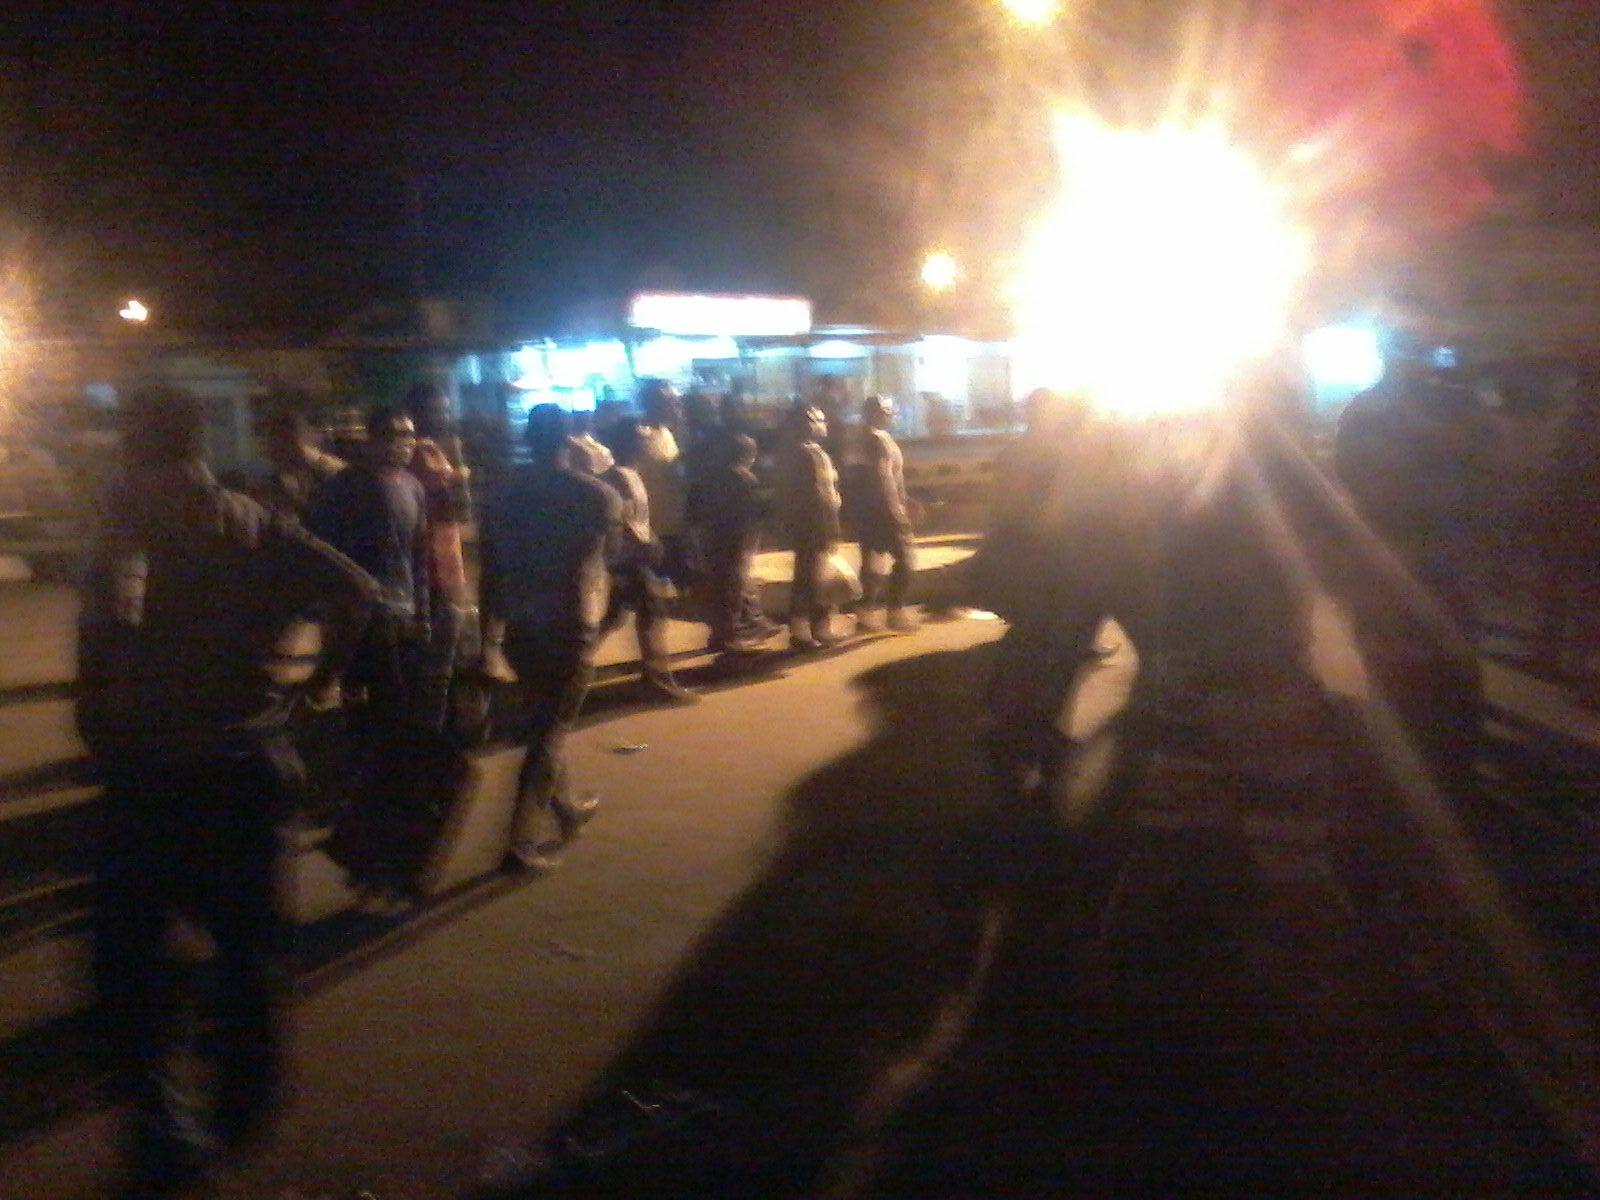 تكدس الركاب بموقف مرسى مطروح ـ القاهرة لاختفاء «السرفيس»